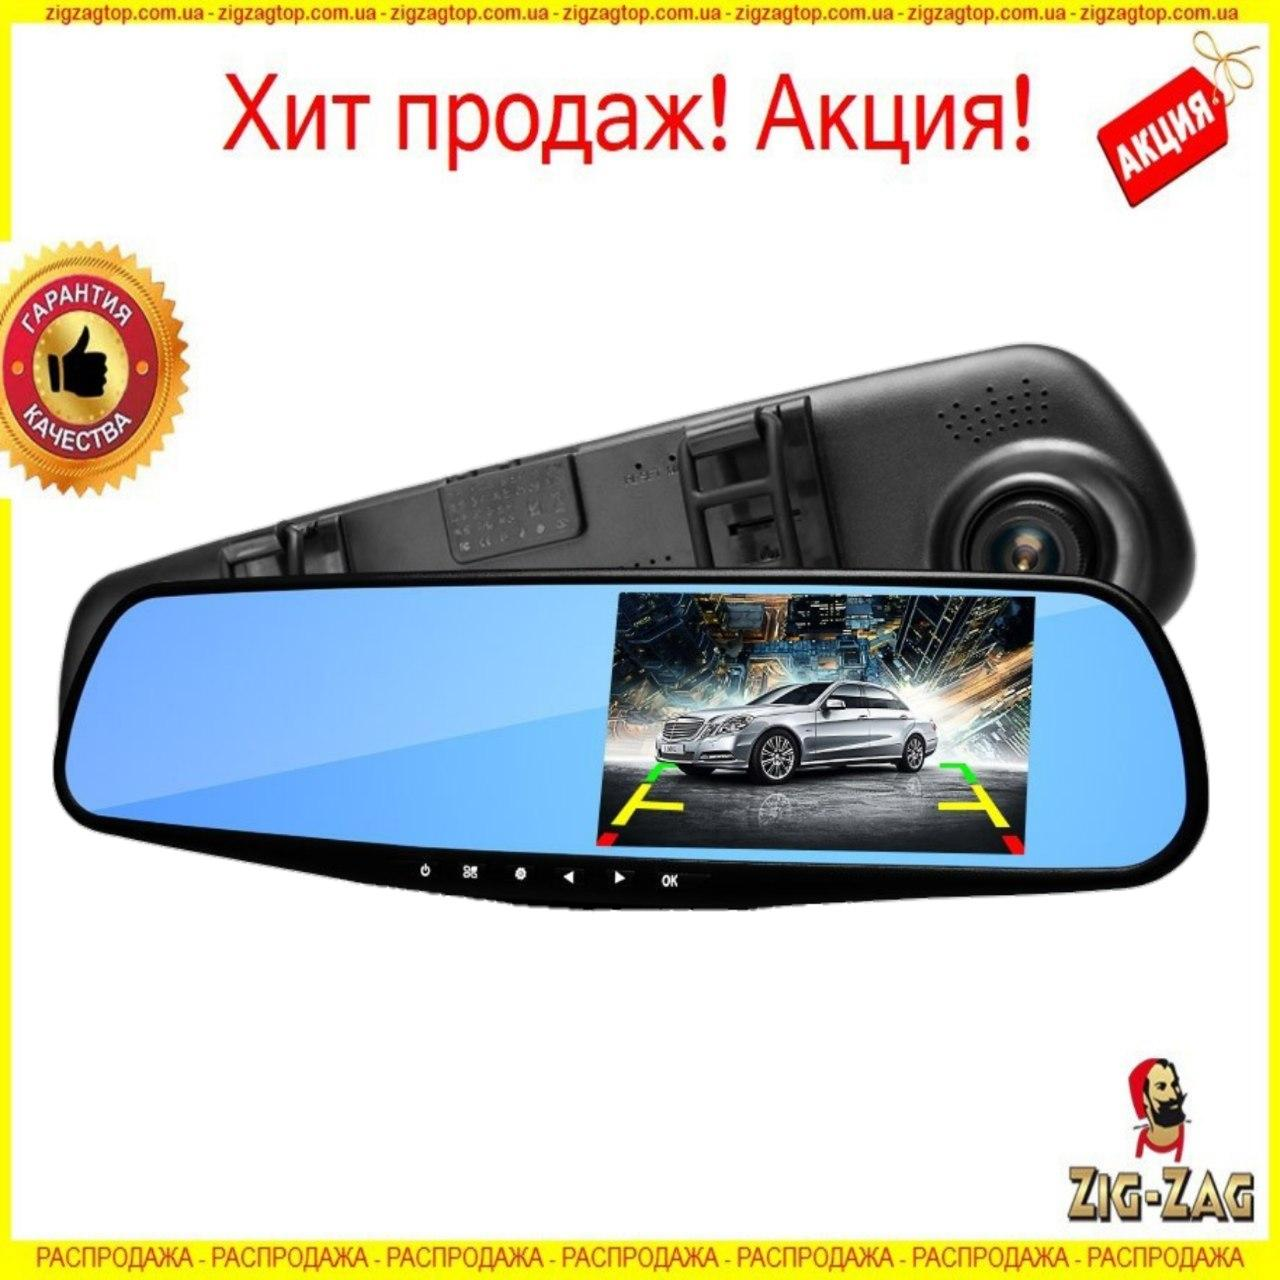 Автомобільне зеркалоор видеорегистрат для машини Відеореєстратор DVR 138E 1080р Кут 170° Реєстратор NEW!